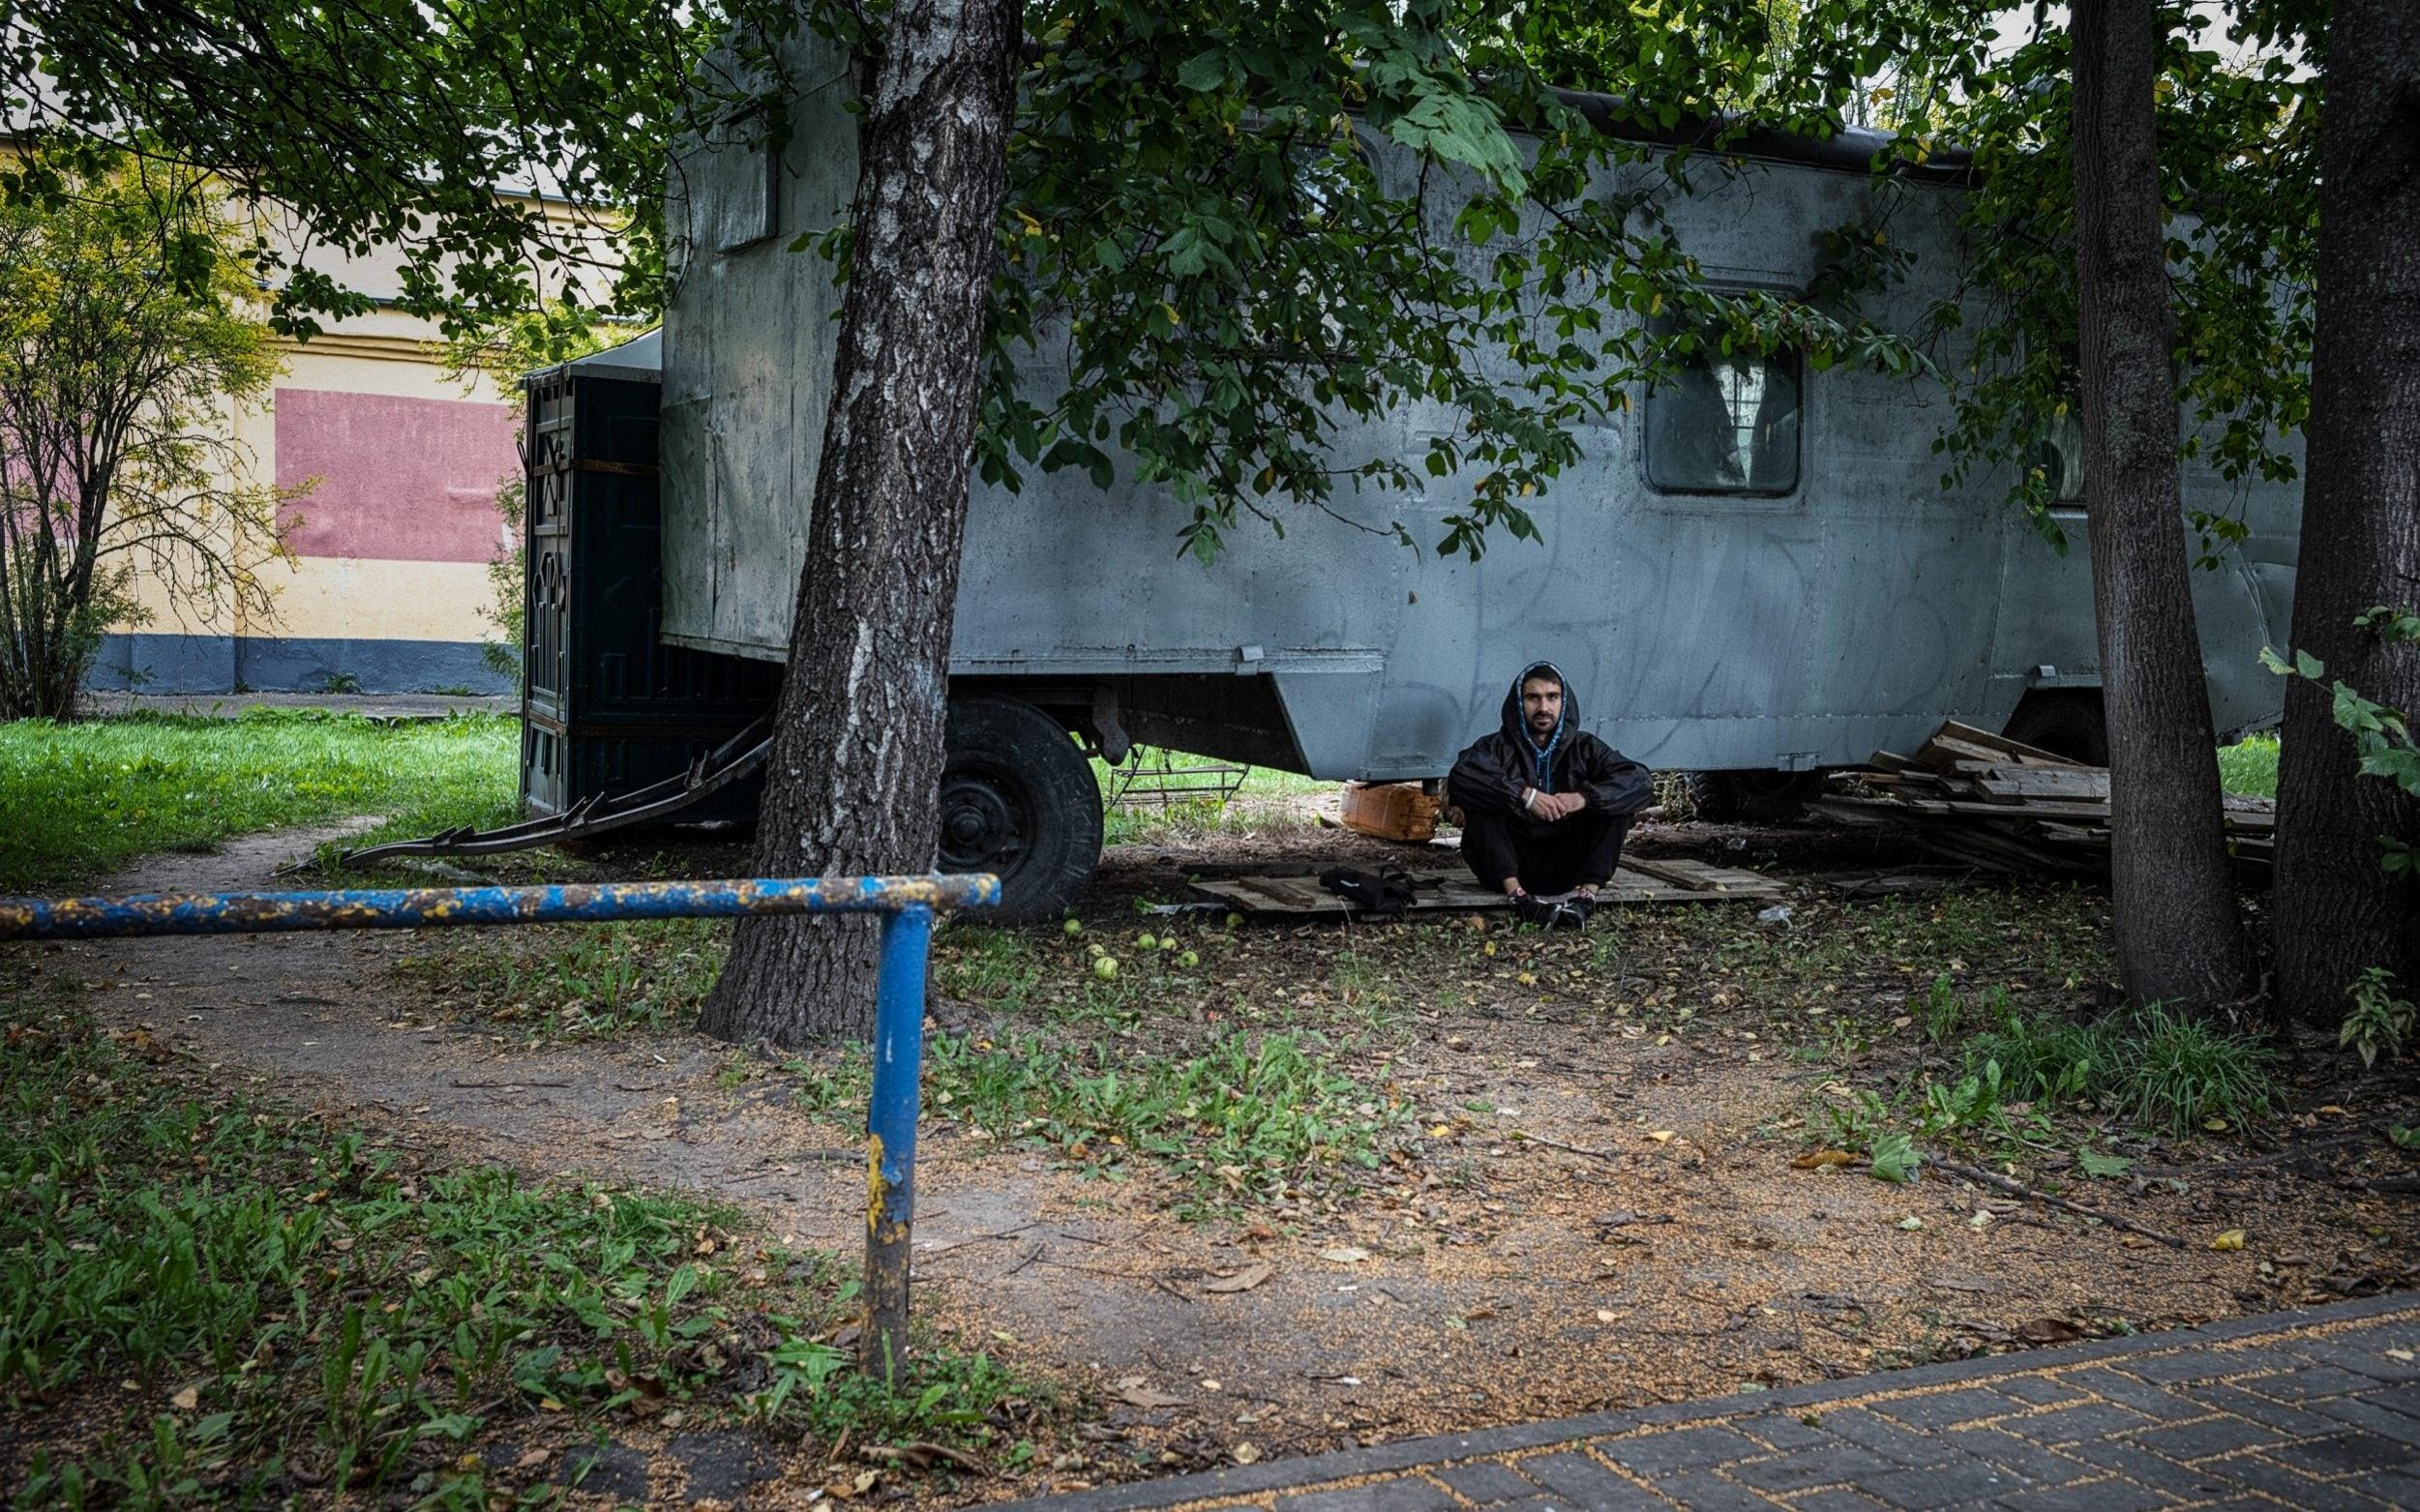 Fears of a brain drain in Belarus as IT workers prepare to flee brutal crackdown